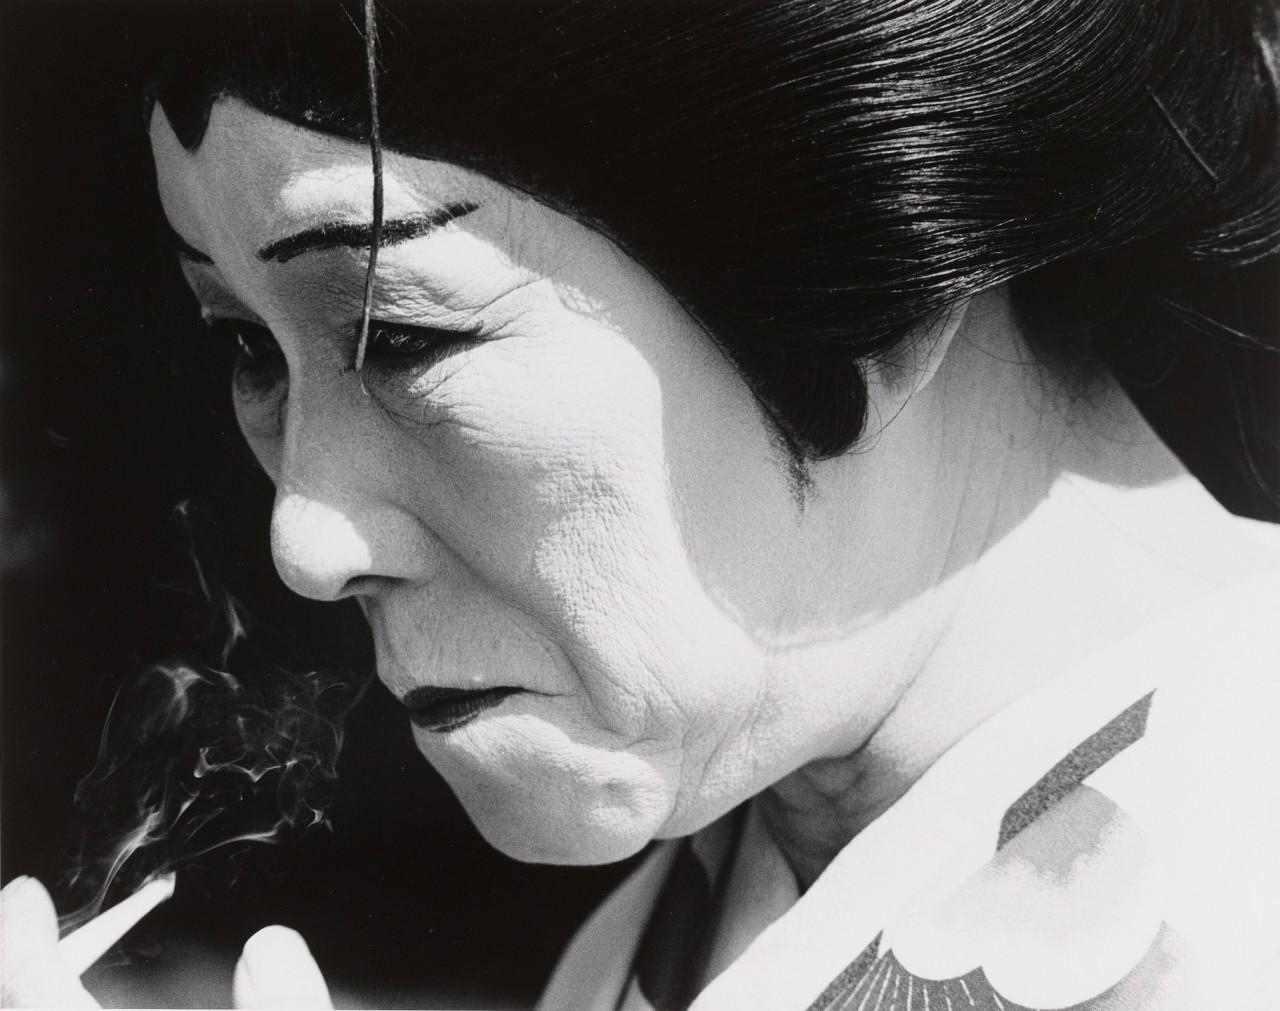 Человек-сэндвич, Токио, 1962. Фотограф Сёмэй Томацу